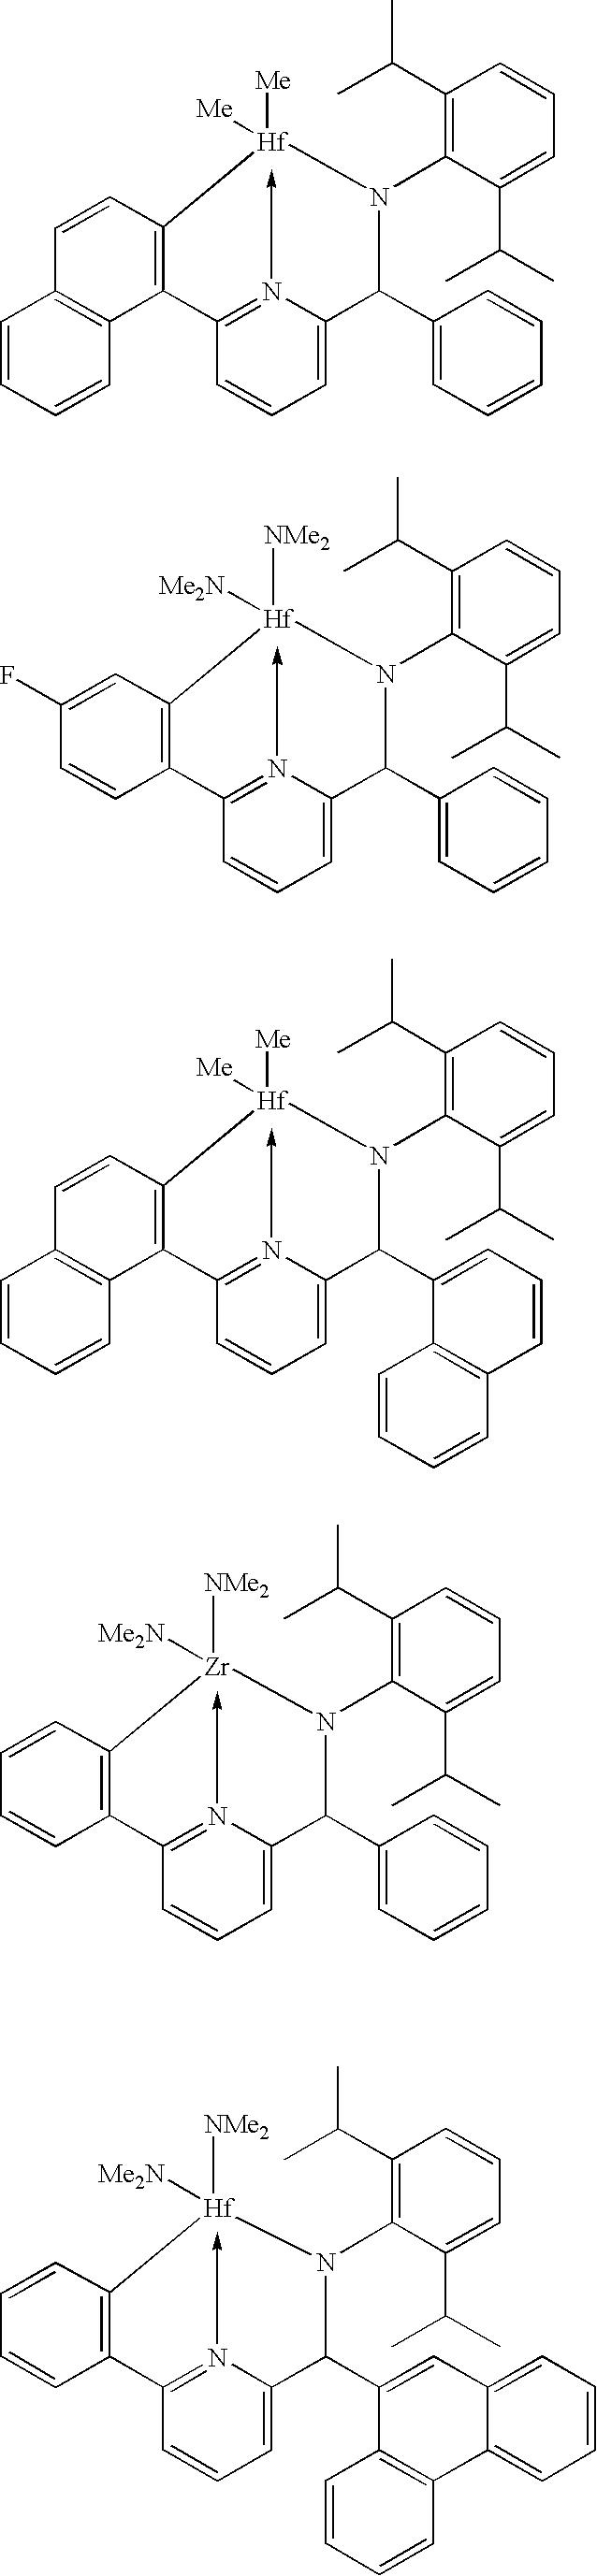 Figure US06900321-20050531-C00057